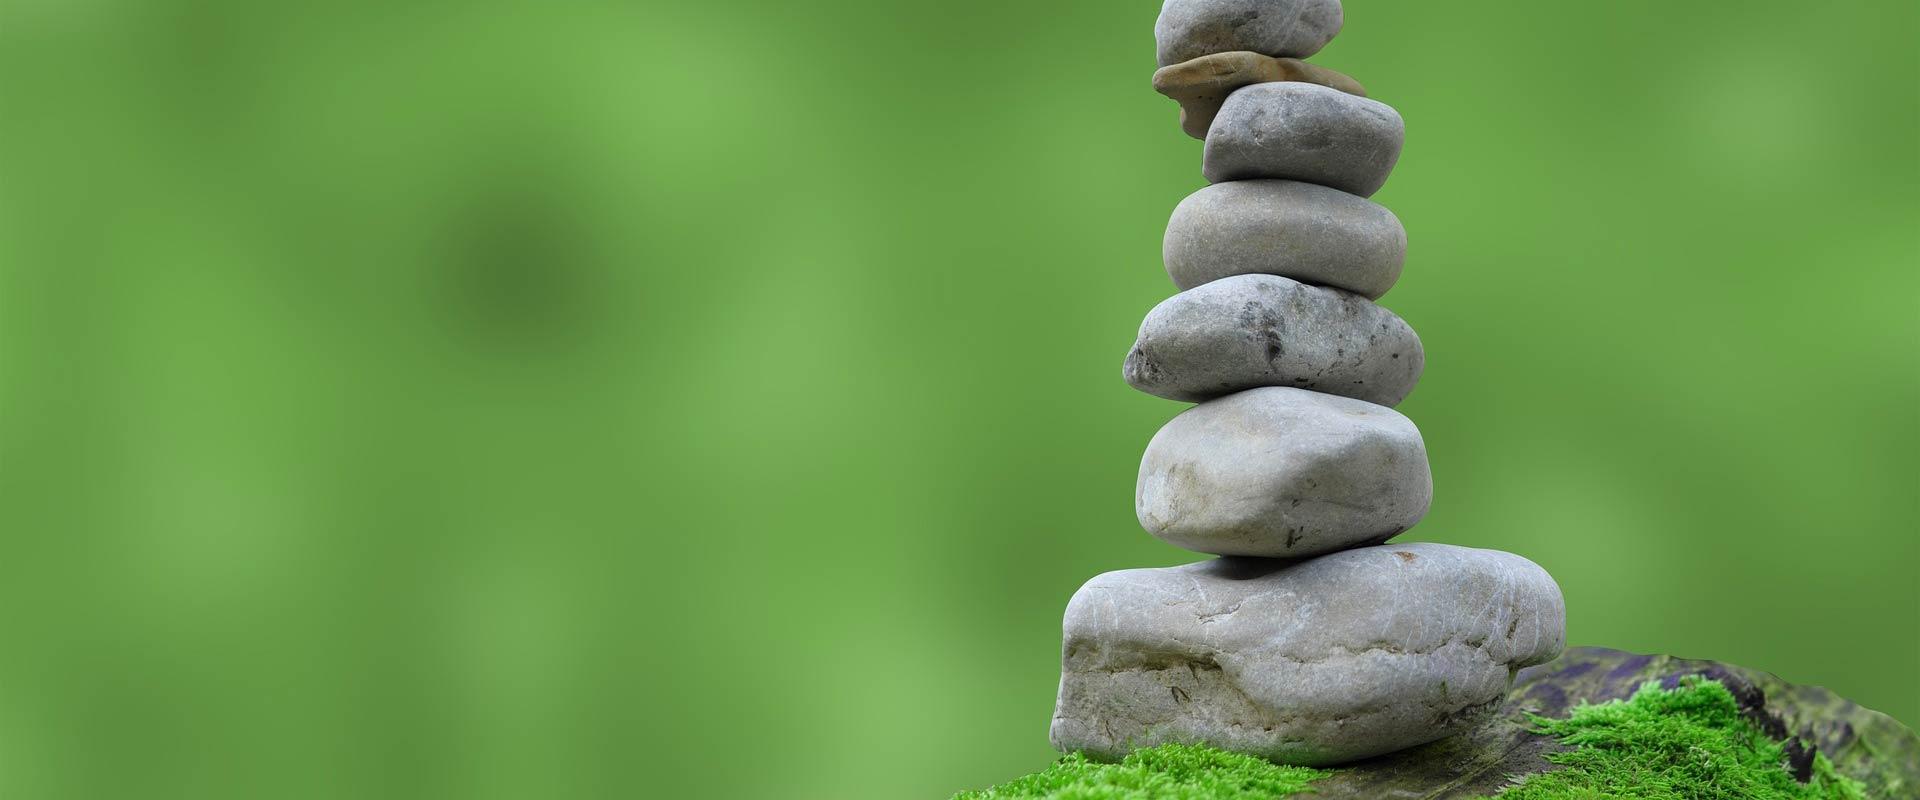 Meditazione, Pratica yoga massaggio giornata relax B&B & Meditation Center Zorba il Buddha Passerano Marmorito Asti